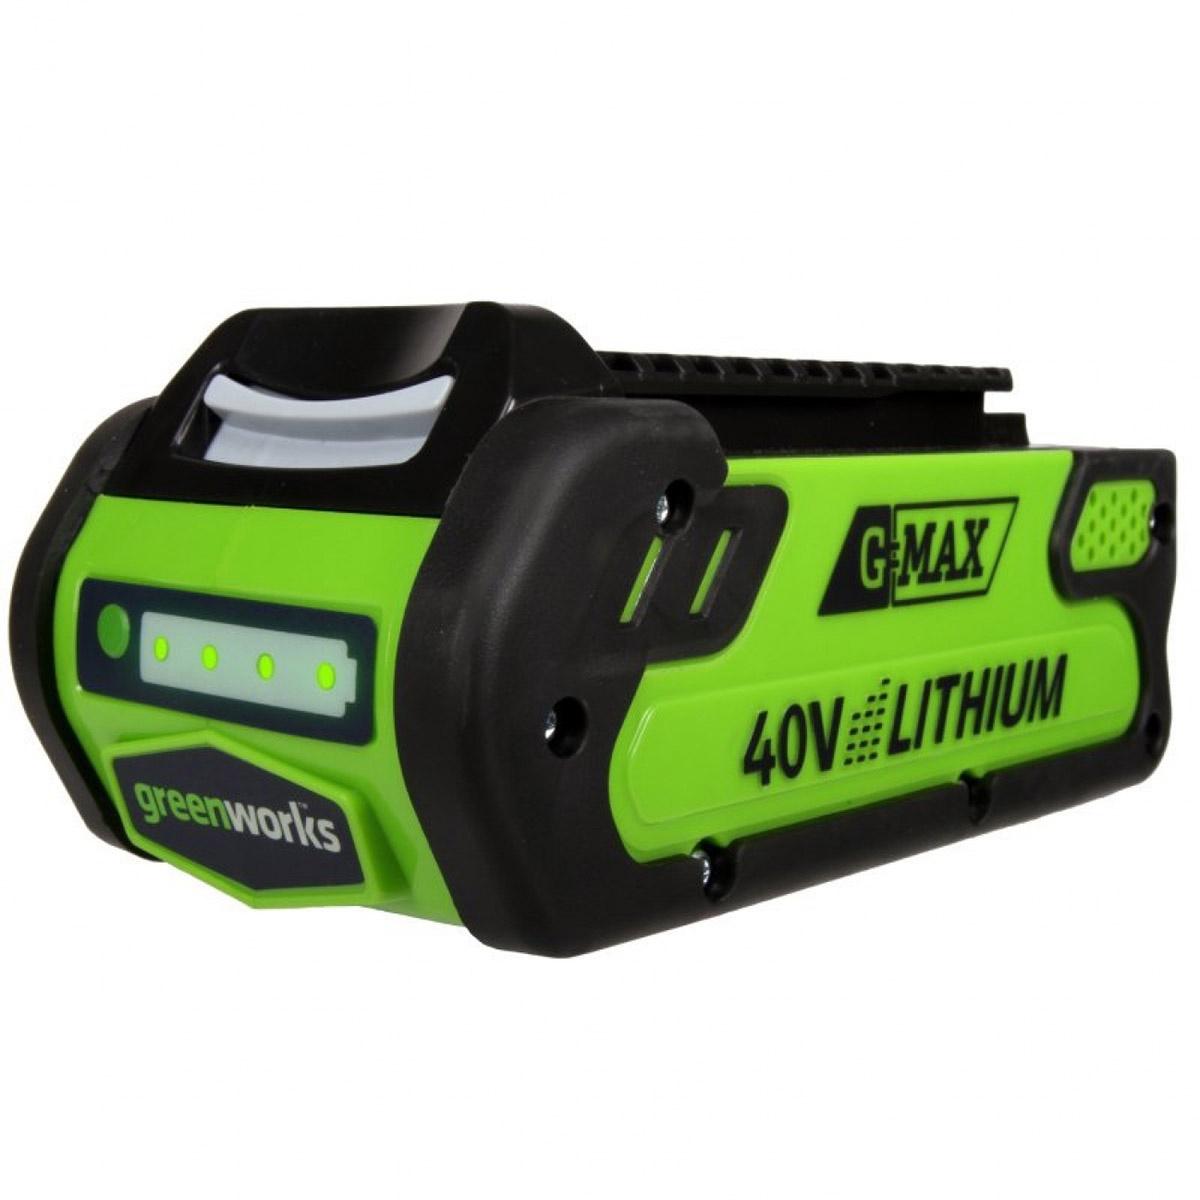 Аккумулятор для инструмента Greenworks G40B2 40V, 2 А.ч